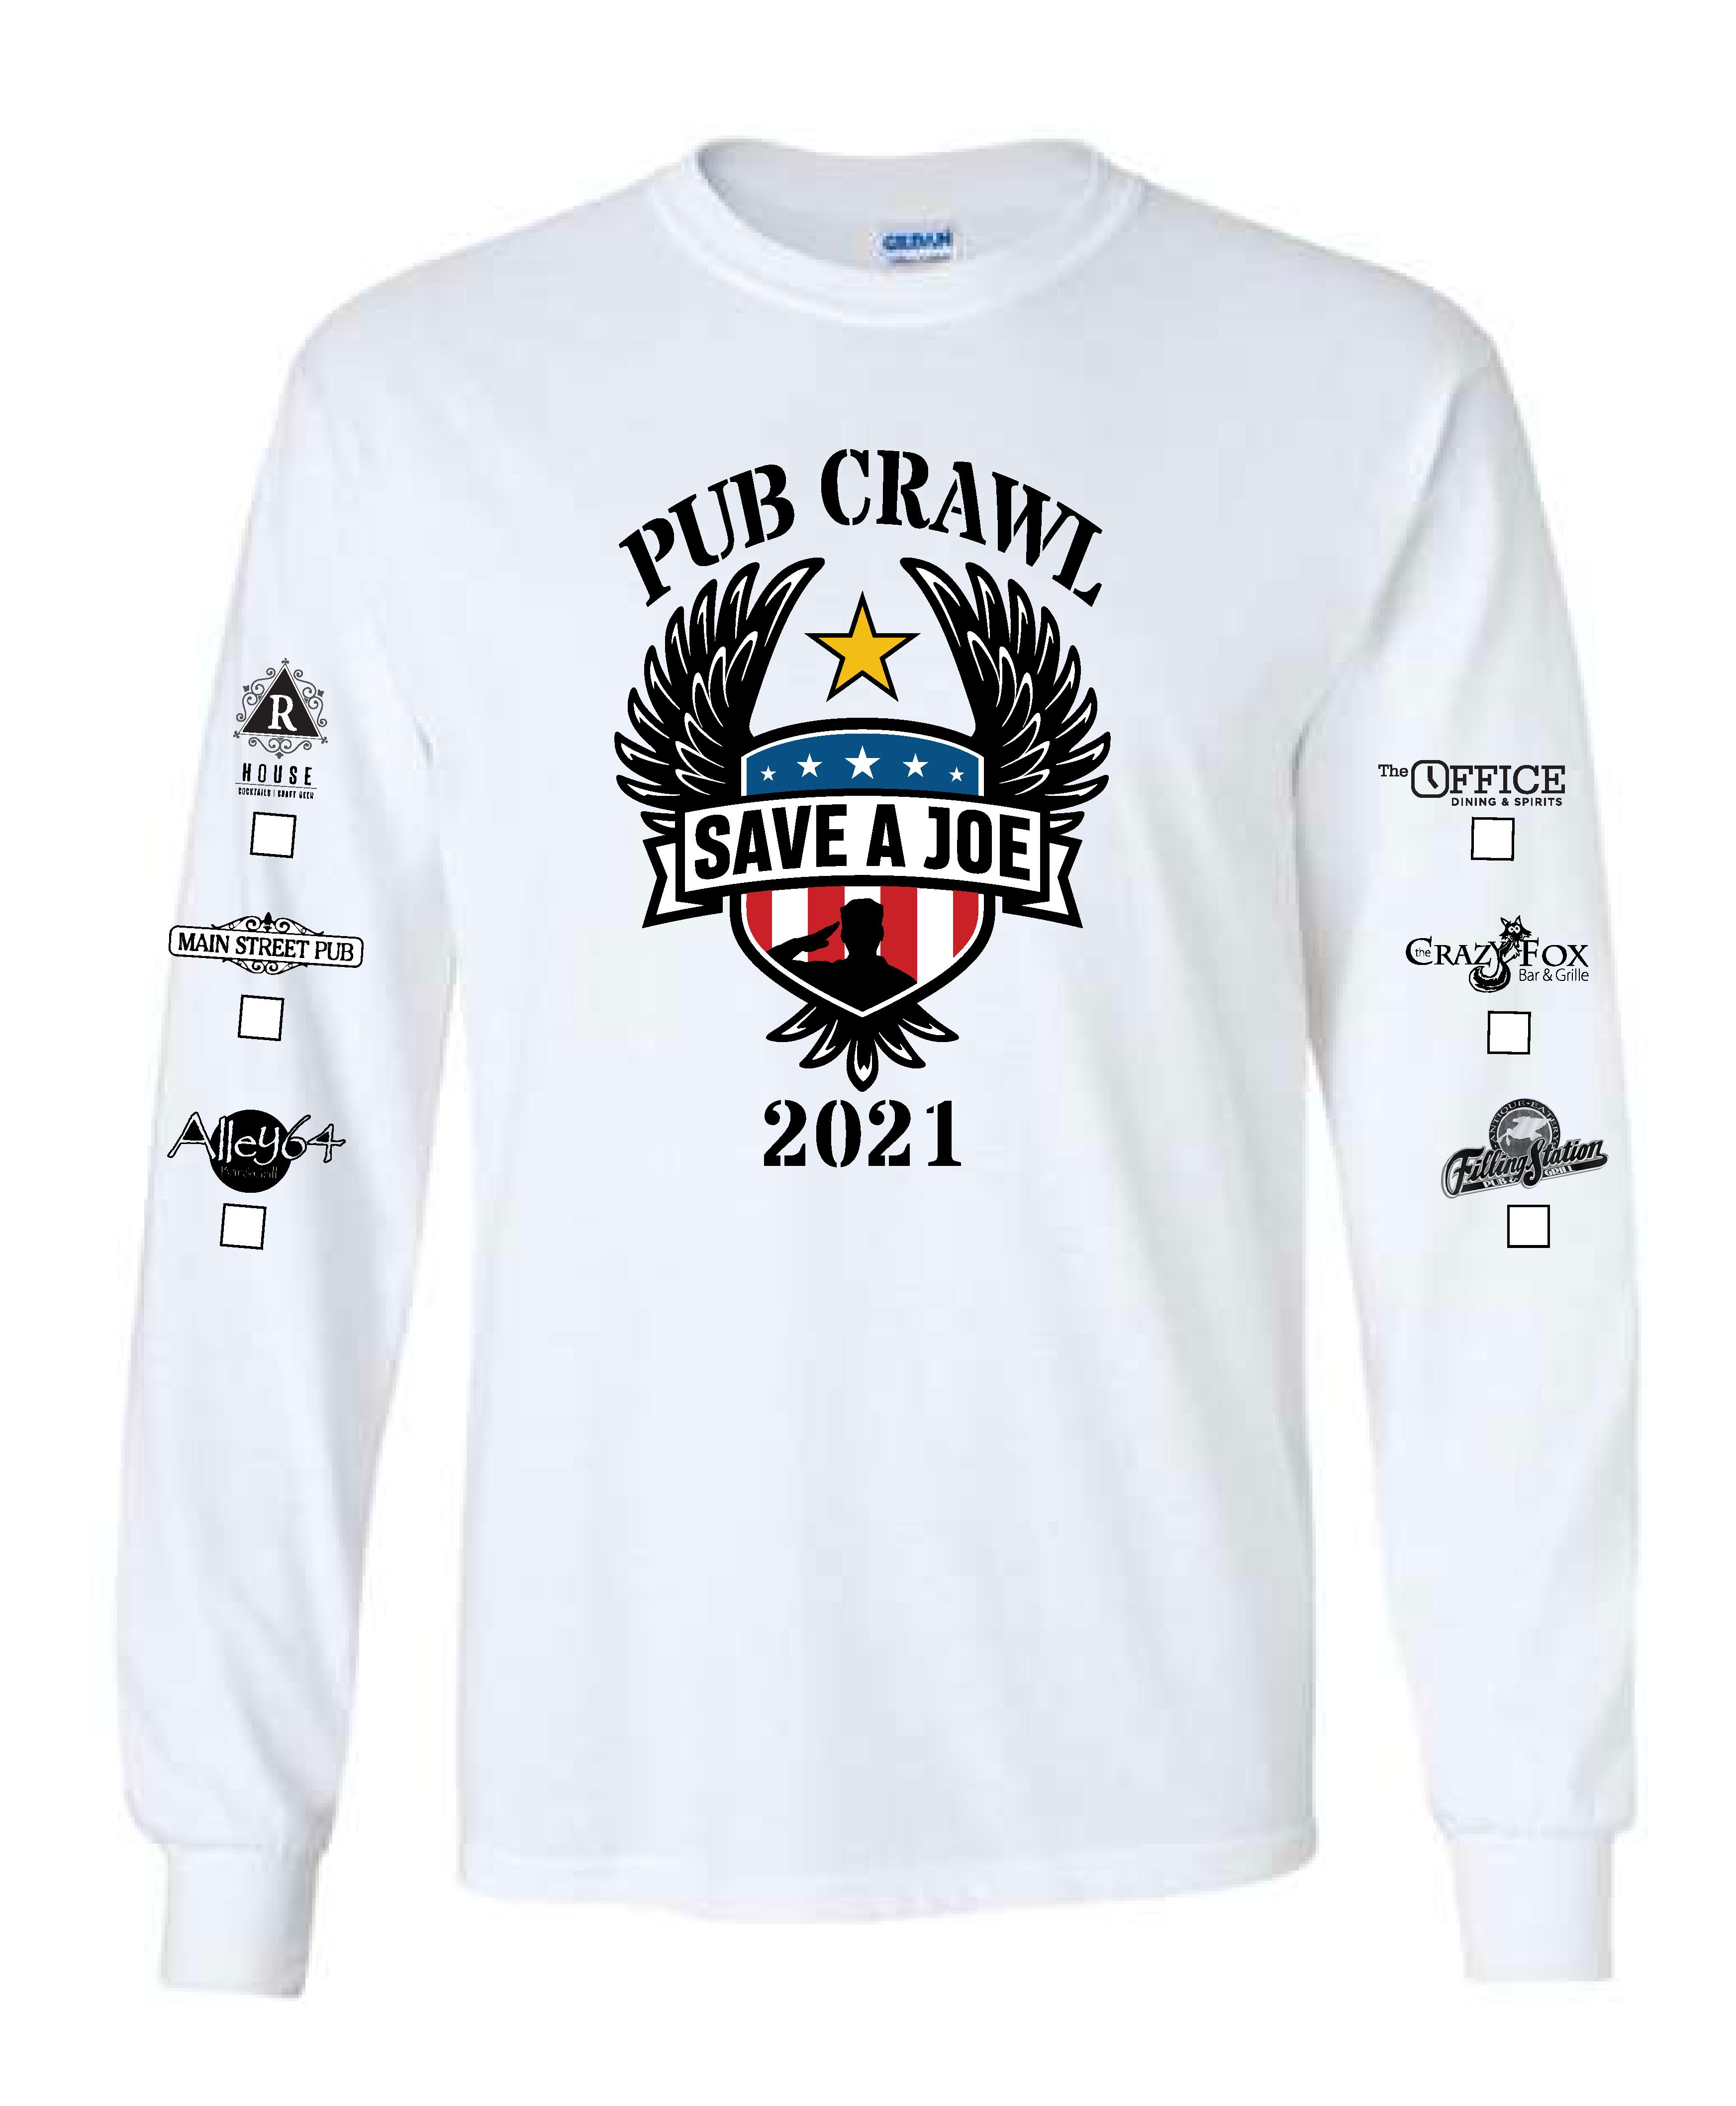 2021 SAJ Pub Crawl Shirt